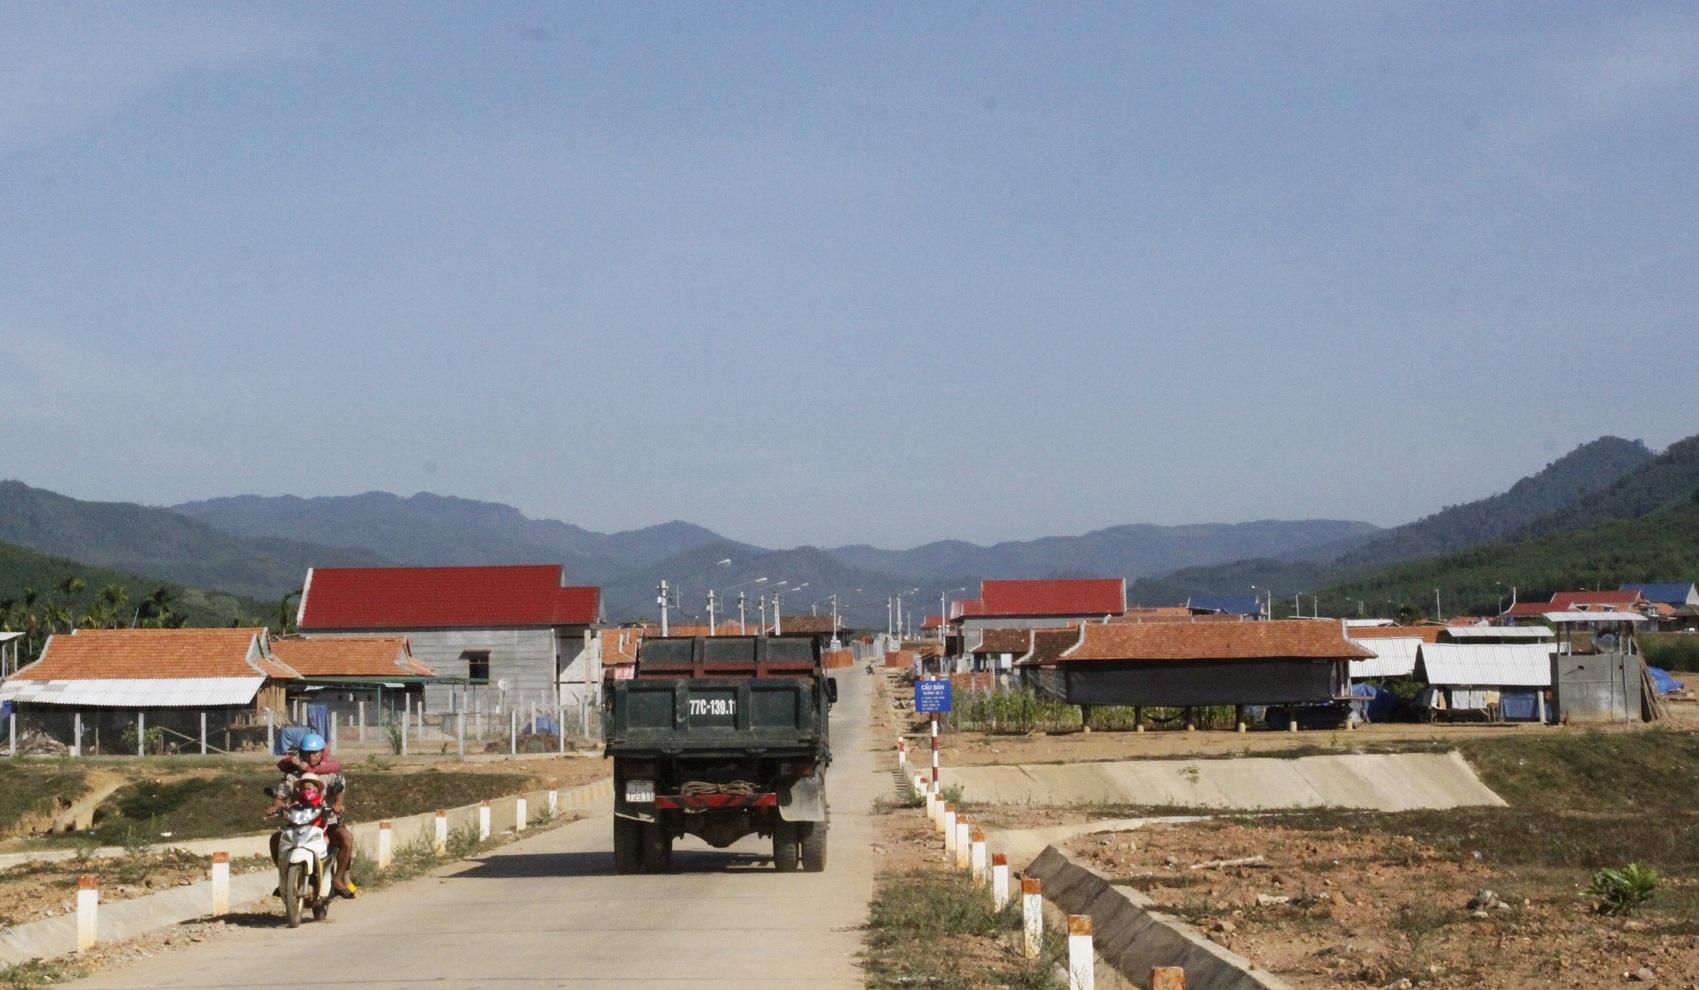 Việc vận động 480 hộ đồng bào H'rê xã An Dũng, huyện An Lão chấp nhận đến nơi ở mới là một thành công trong công tác dân vận của tỉnh Bình Định (trong ảnh, một góc khu tái định cư An Dũng)